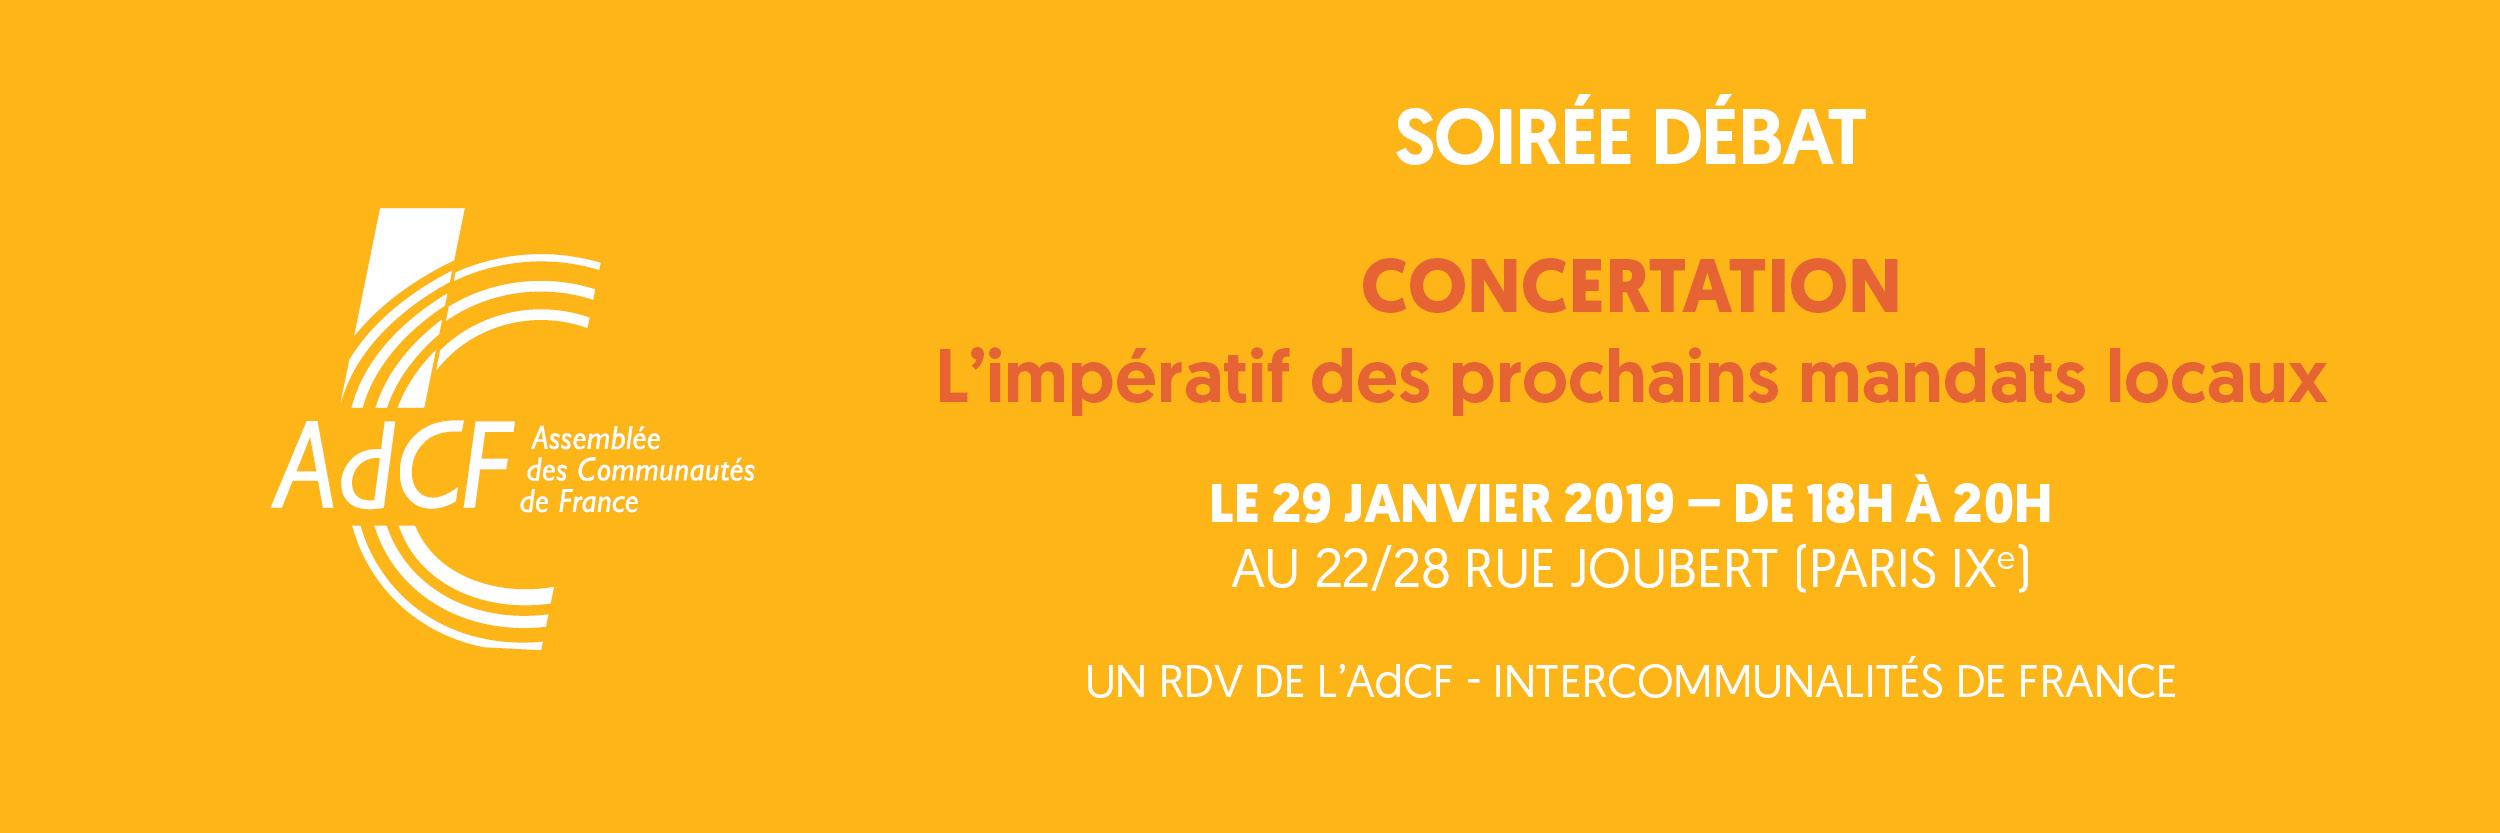 AdCF - Assemblée des communautés de France